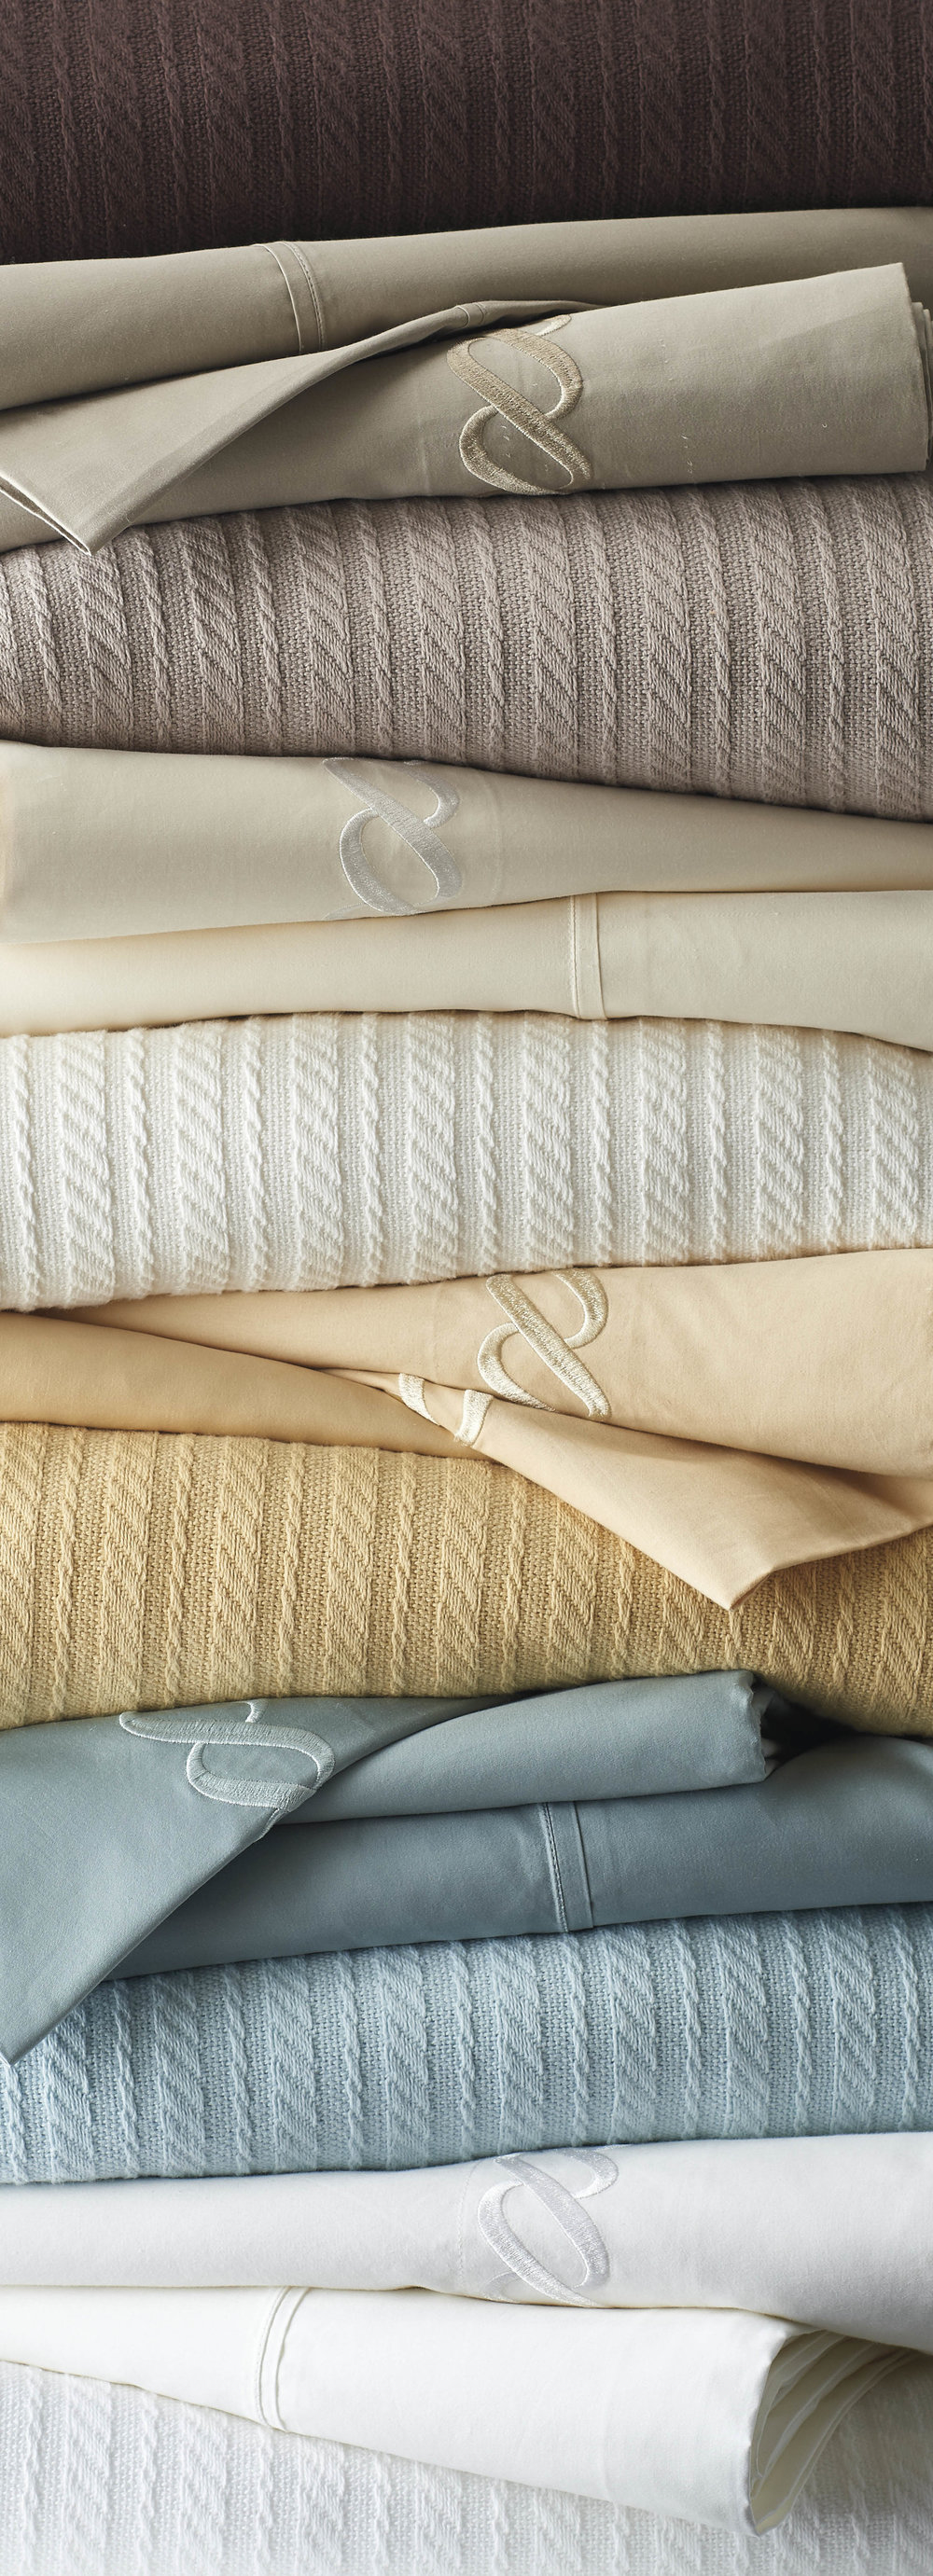 Styling-Soft Goods-Bedding (8).jpg